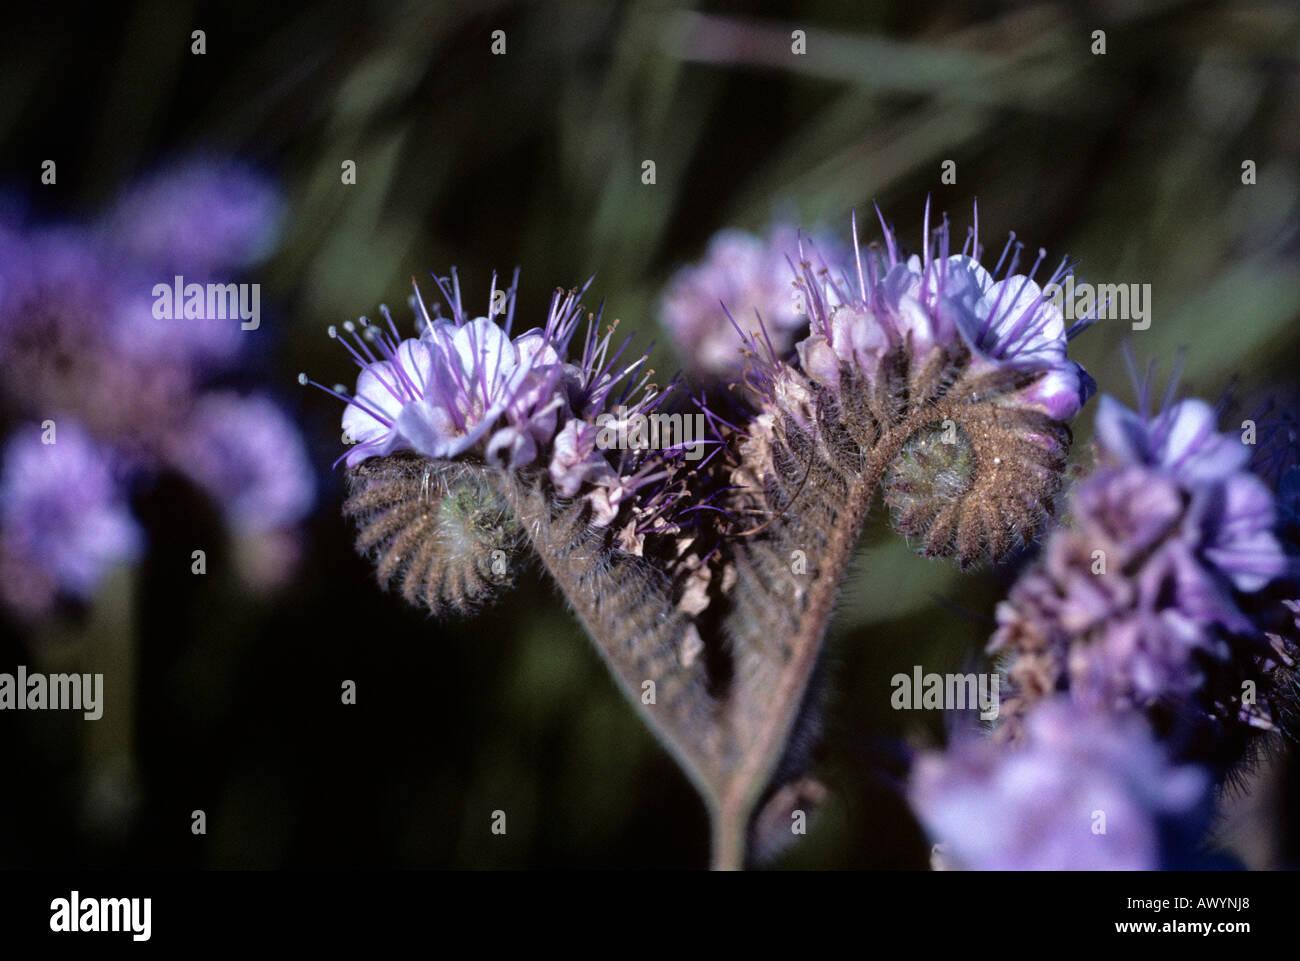 Wild Heliotrope. Phacelia Stock Photo